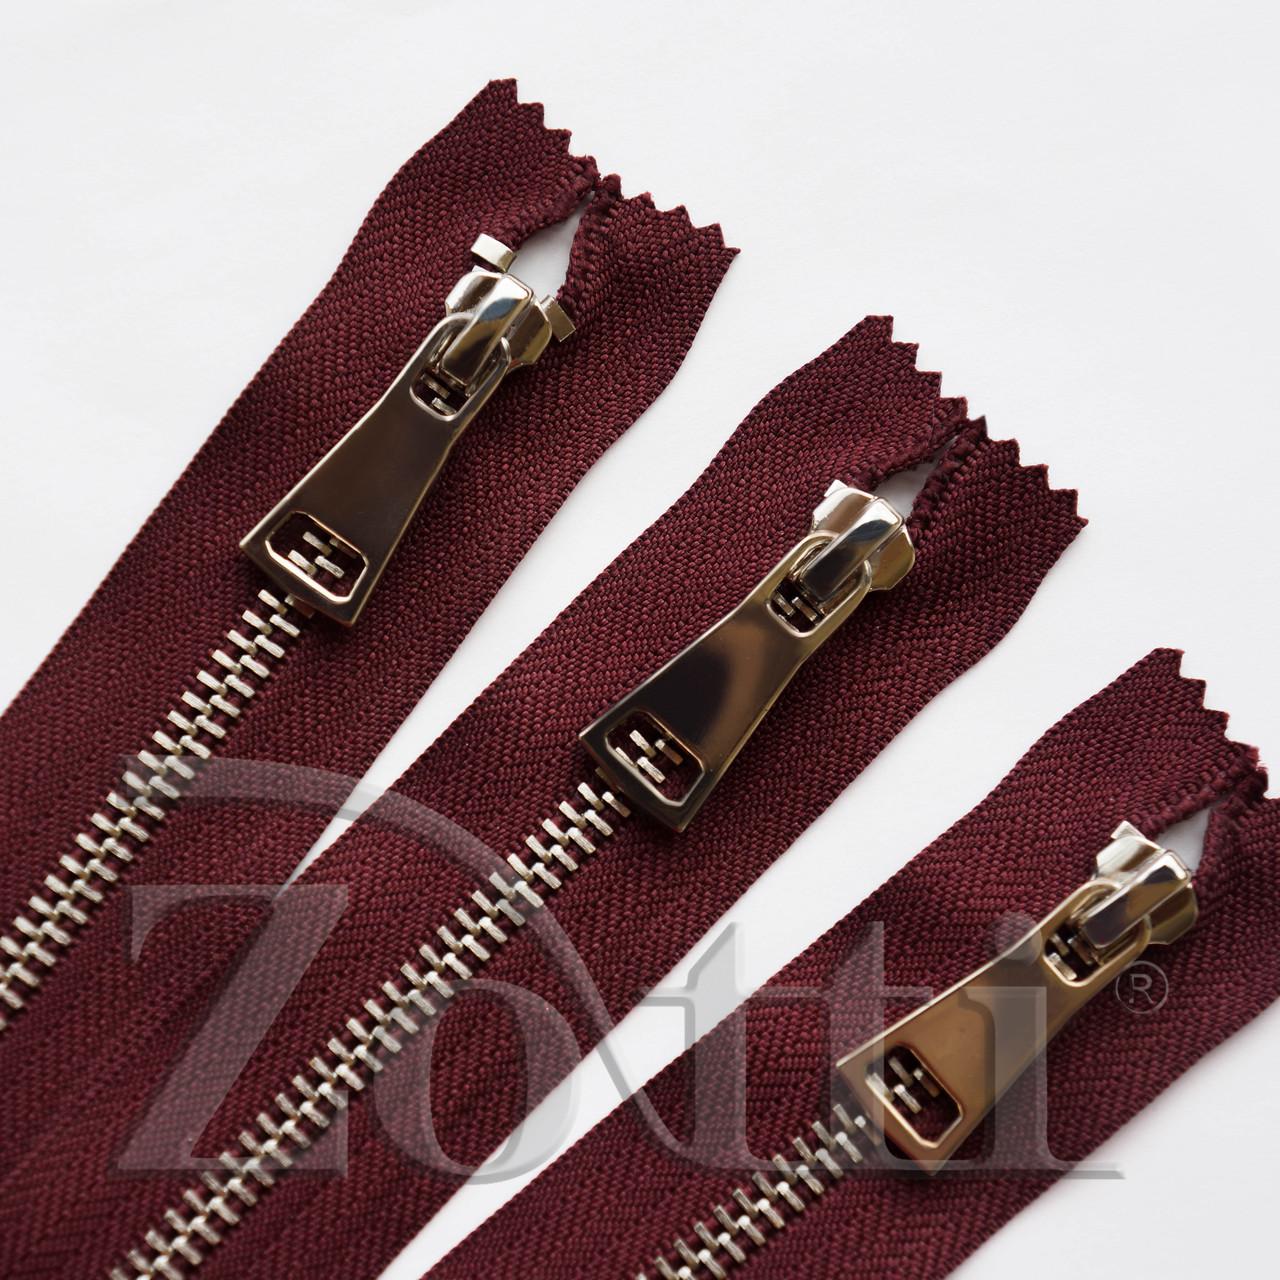 Молния (змейка,застежка) металлическая №5, размерная, обувная, бордовая, с серебряным бегунком № 115 - 11 см